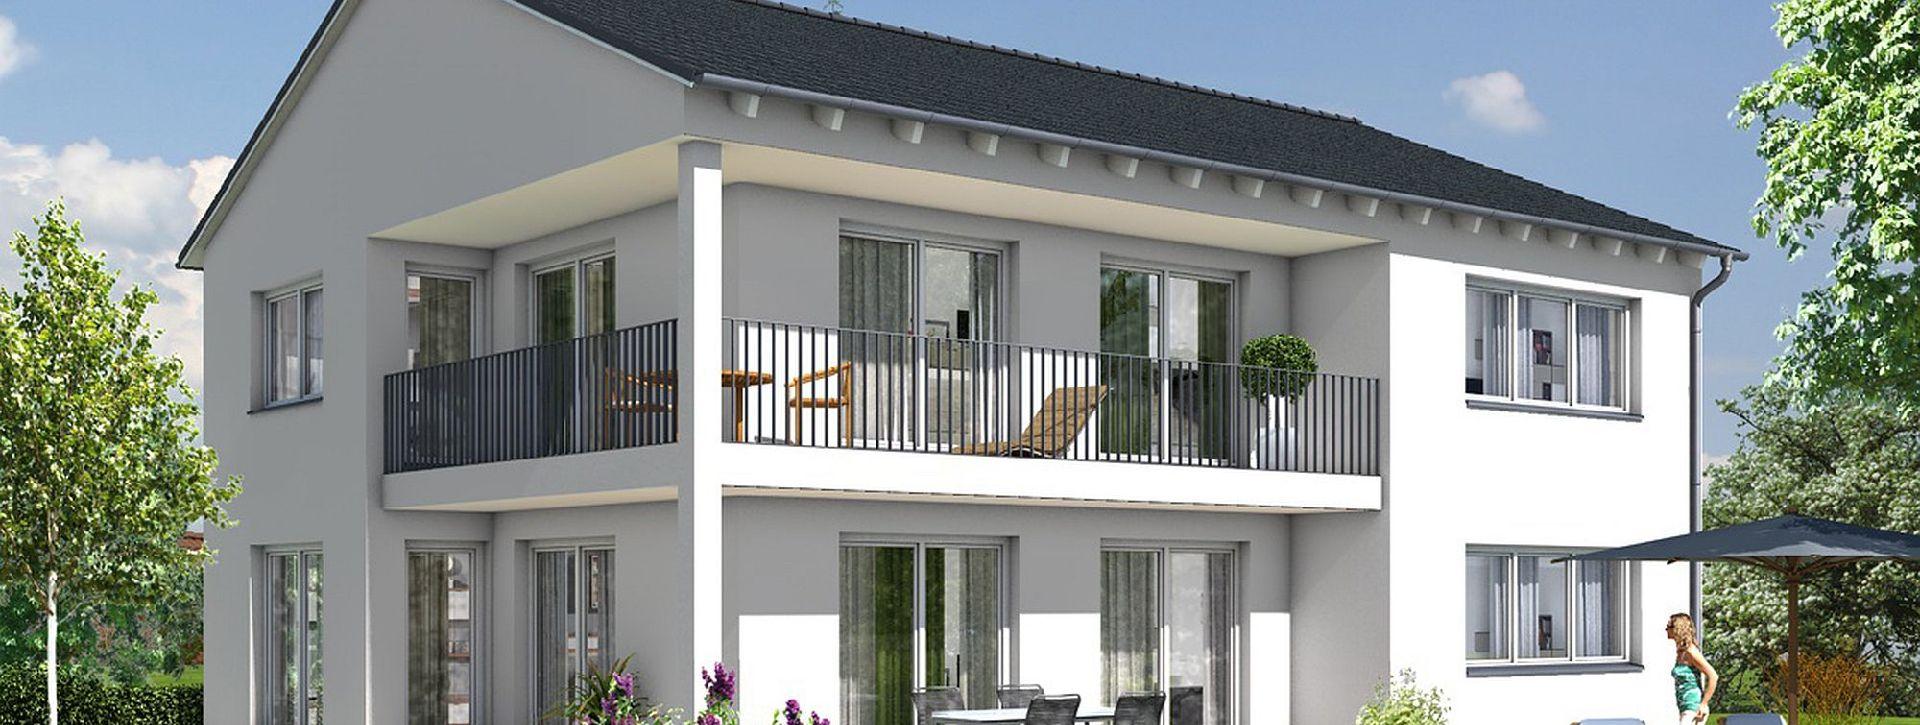 Mehrfamilienhäuser Häuserkatalog